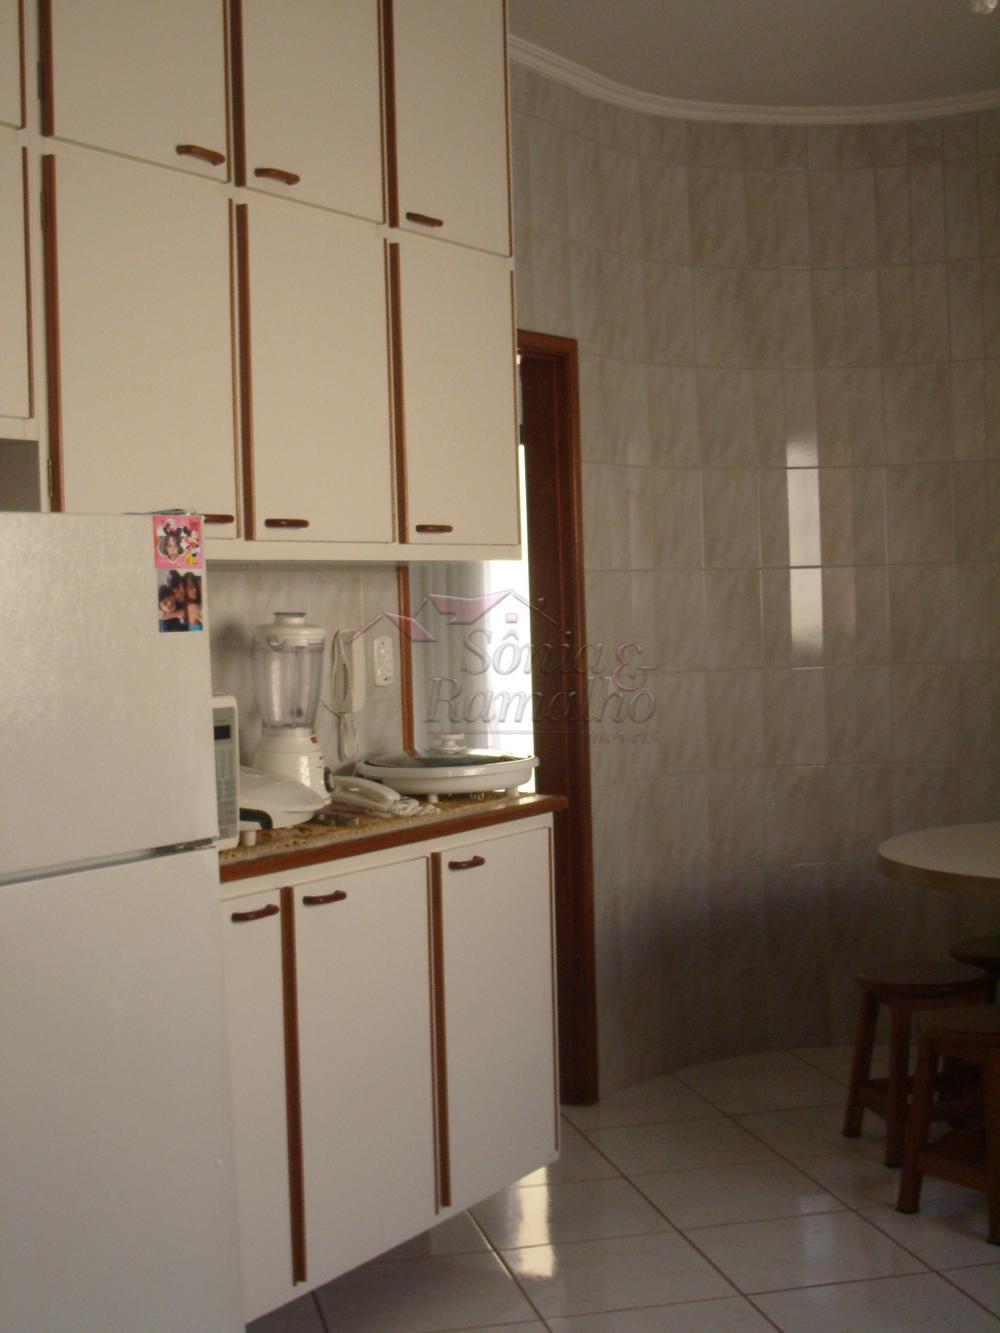 Comprar Casas / Padrão em Ribeirão Preto apenas R$ 590.000,00 - Foto 10